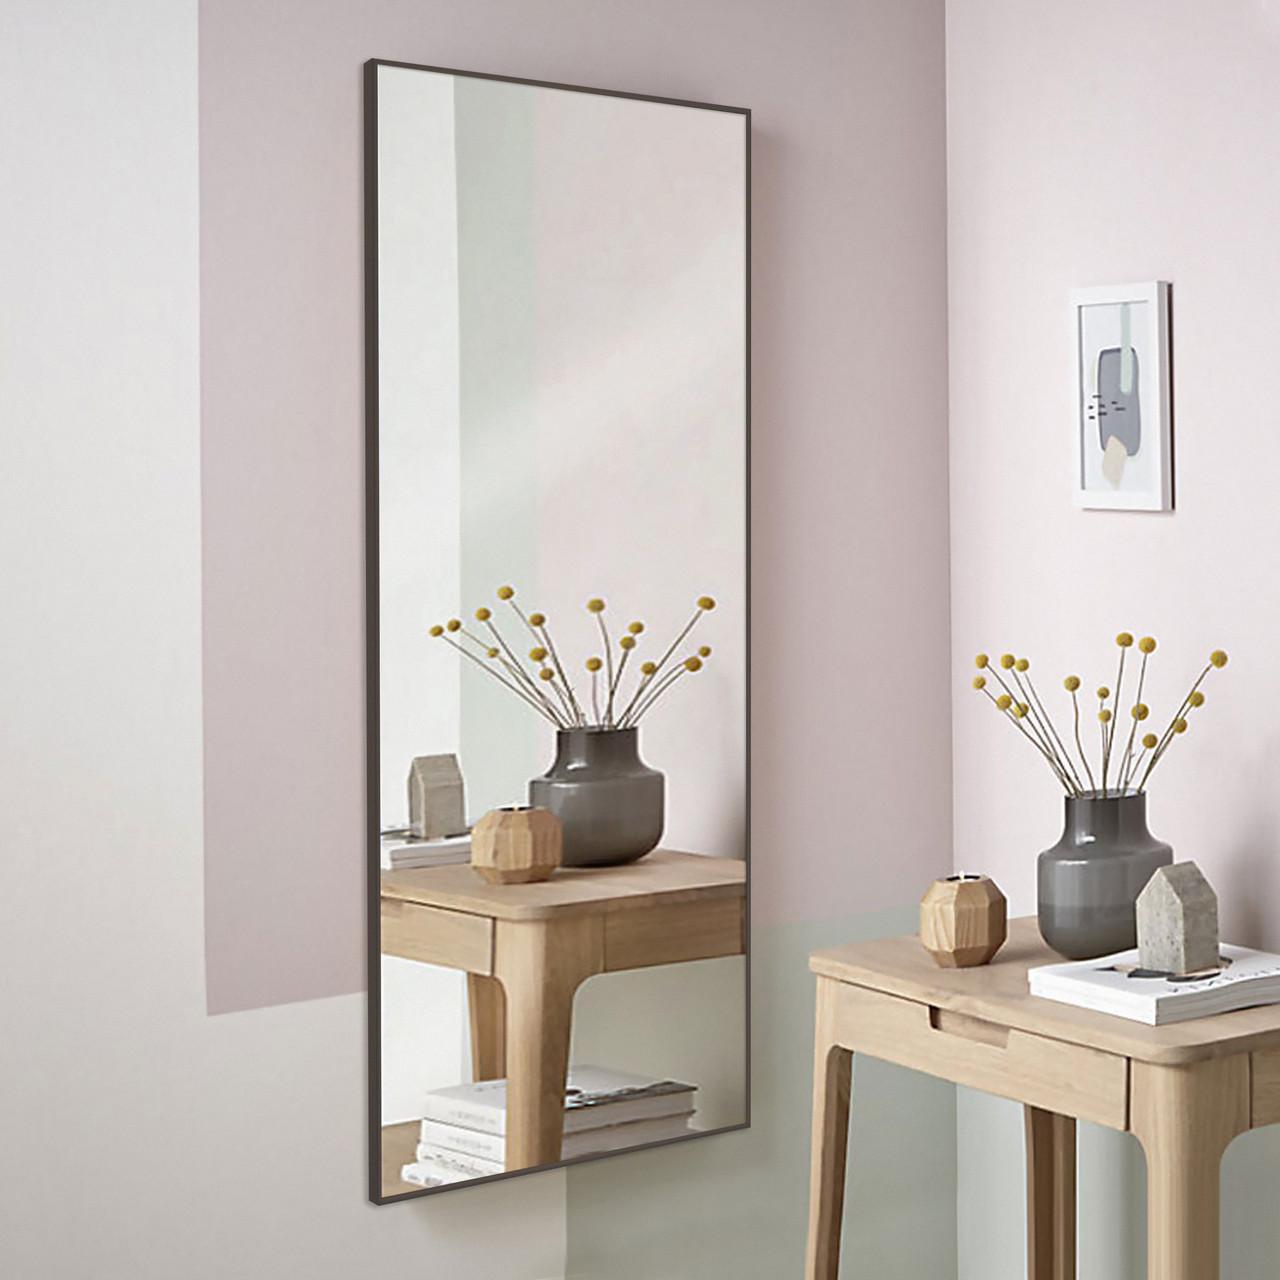 Зеркало в алюминие противоосколочная основа   1500х700 мм коричневого цвета пр. Украина